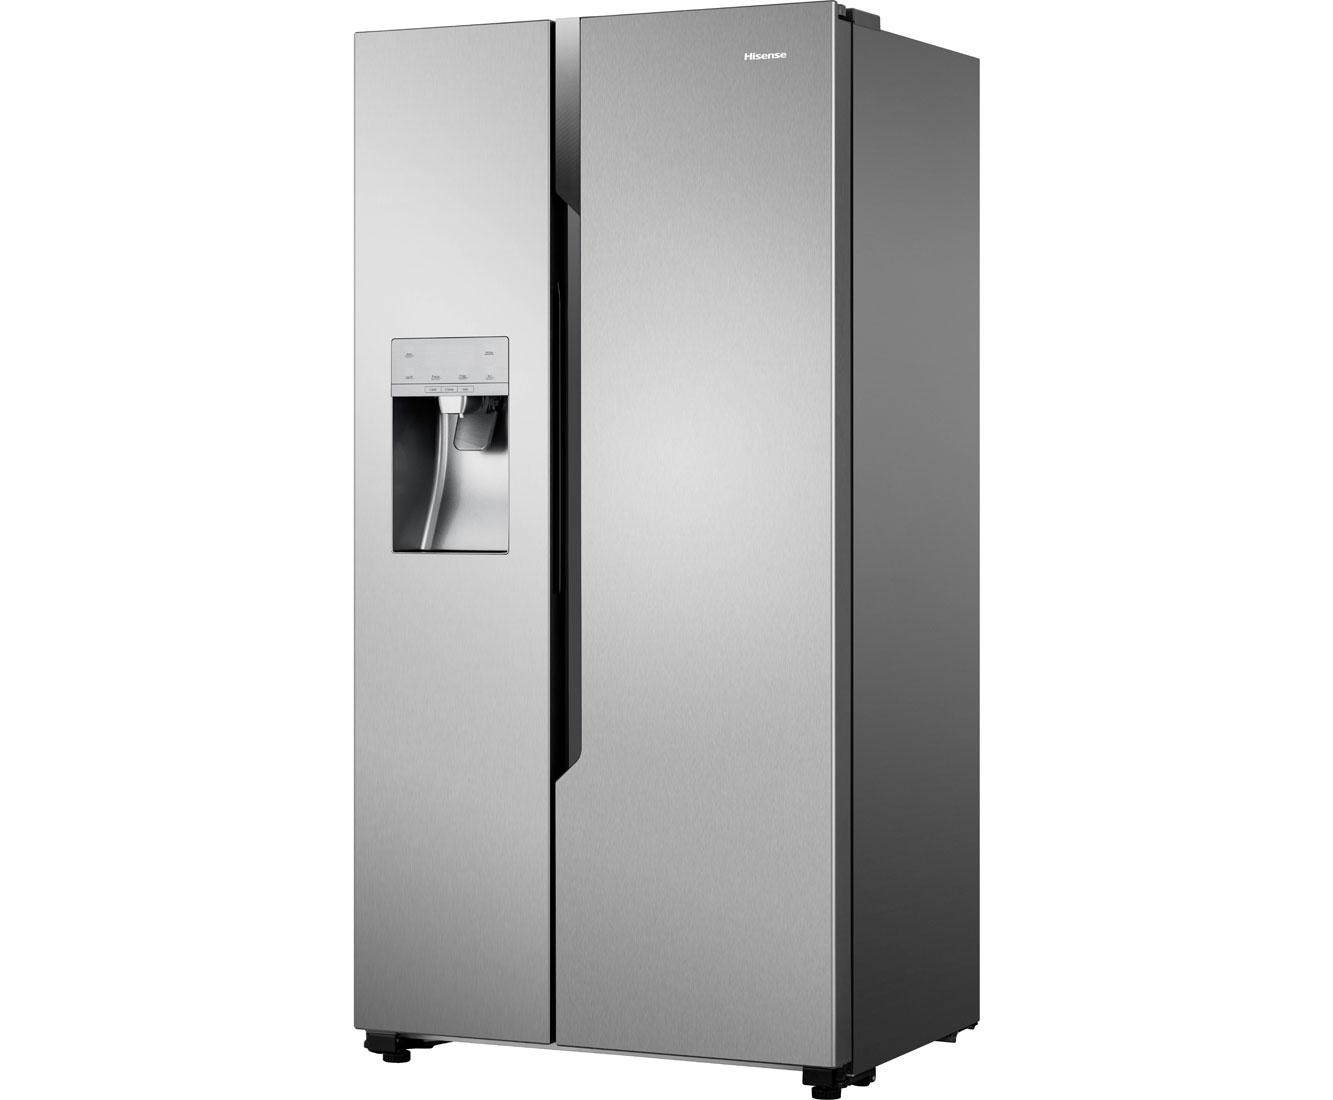 Amerikanischer Kühlschrank Kaufen : Amerikanischer kühlschrank mit eiswürfelspender samsung rs